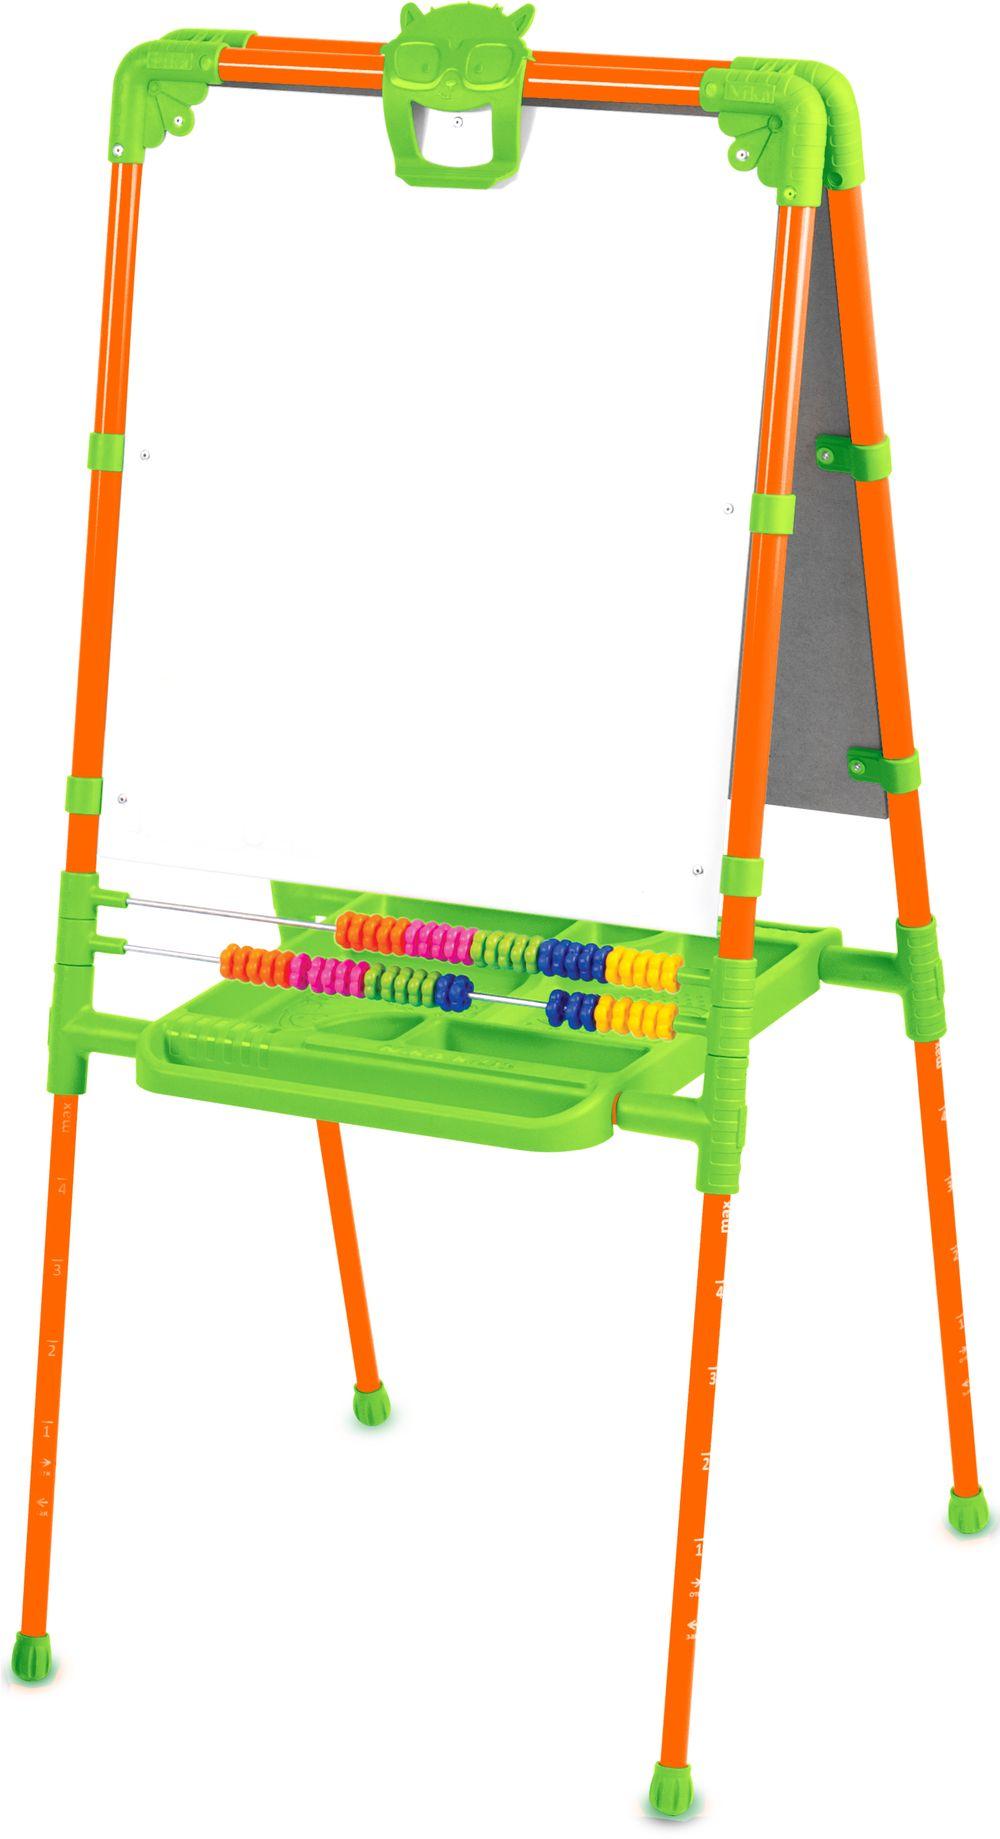 Купить NIKA KIDS Мольберт растущий, двусторонний (оранжевый) [М2Л/О], Россия, Доски и мольберты для рисования